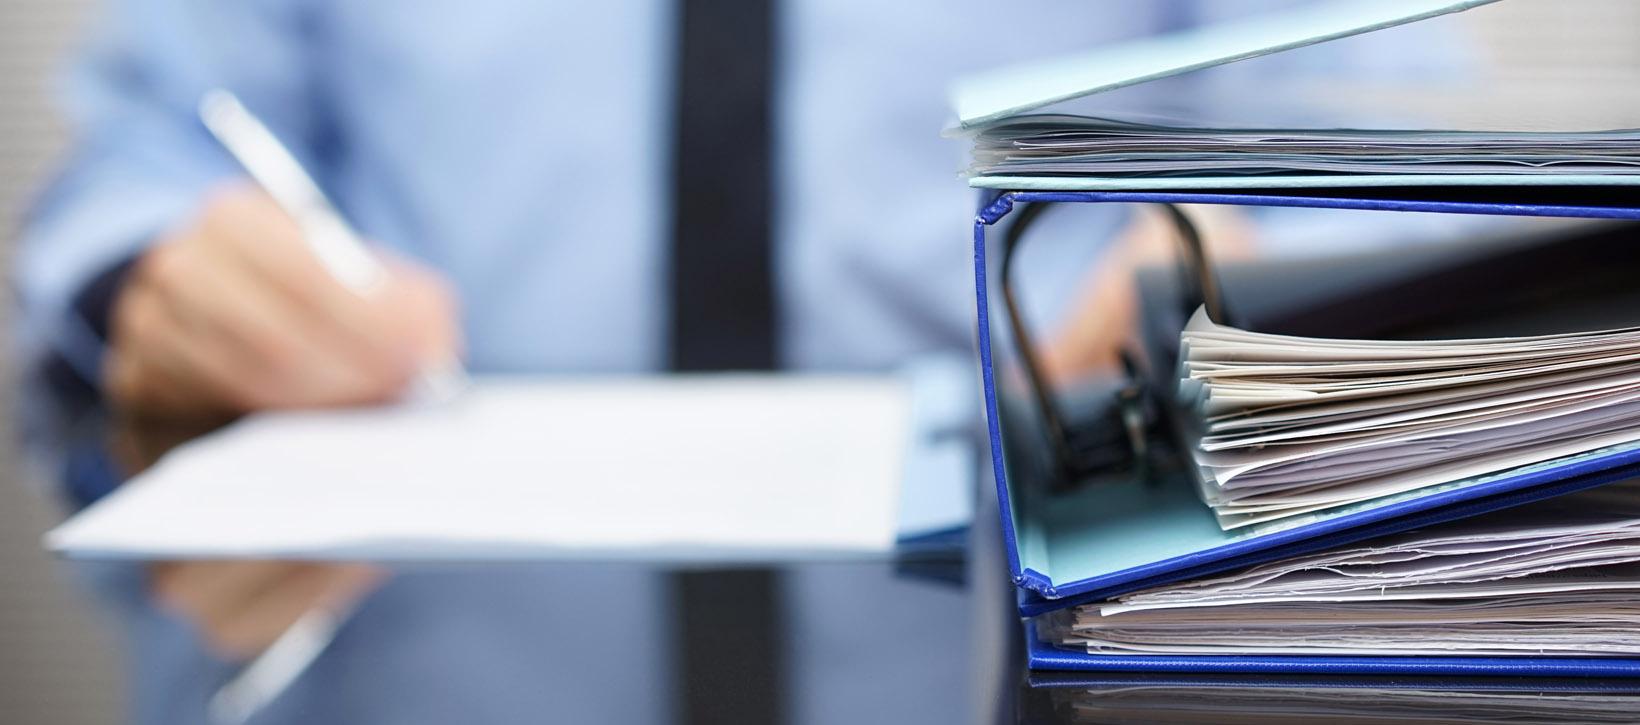 O que é gestão de Documentos? - Destaque Gestão Documental